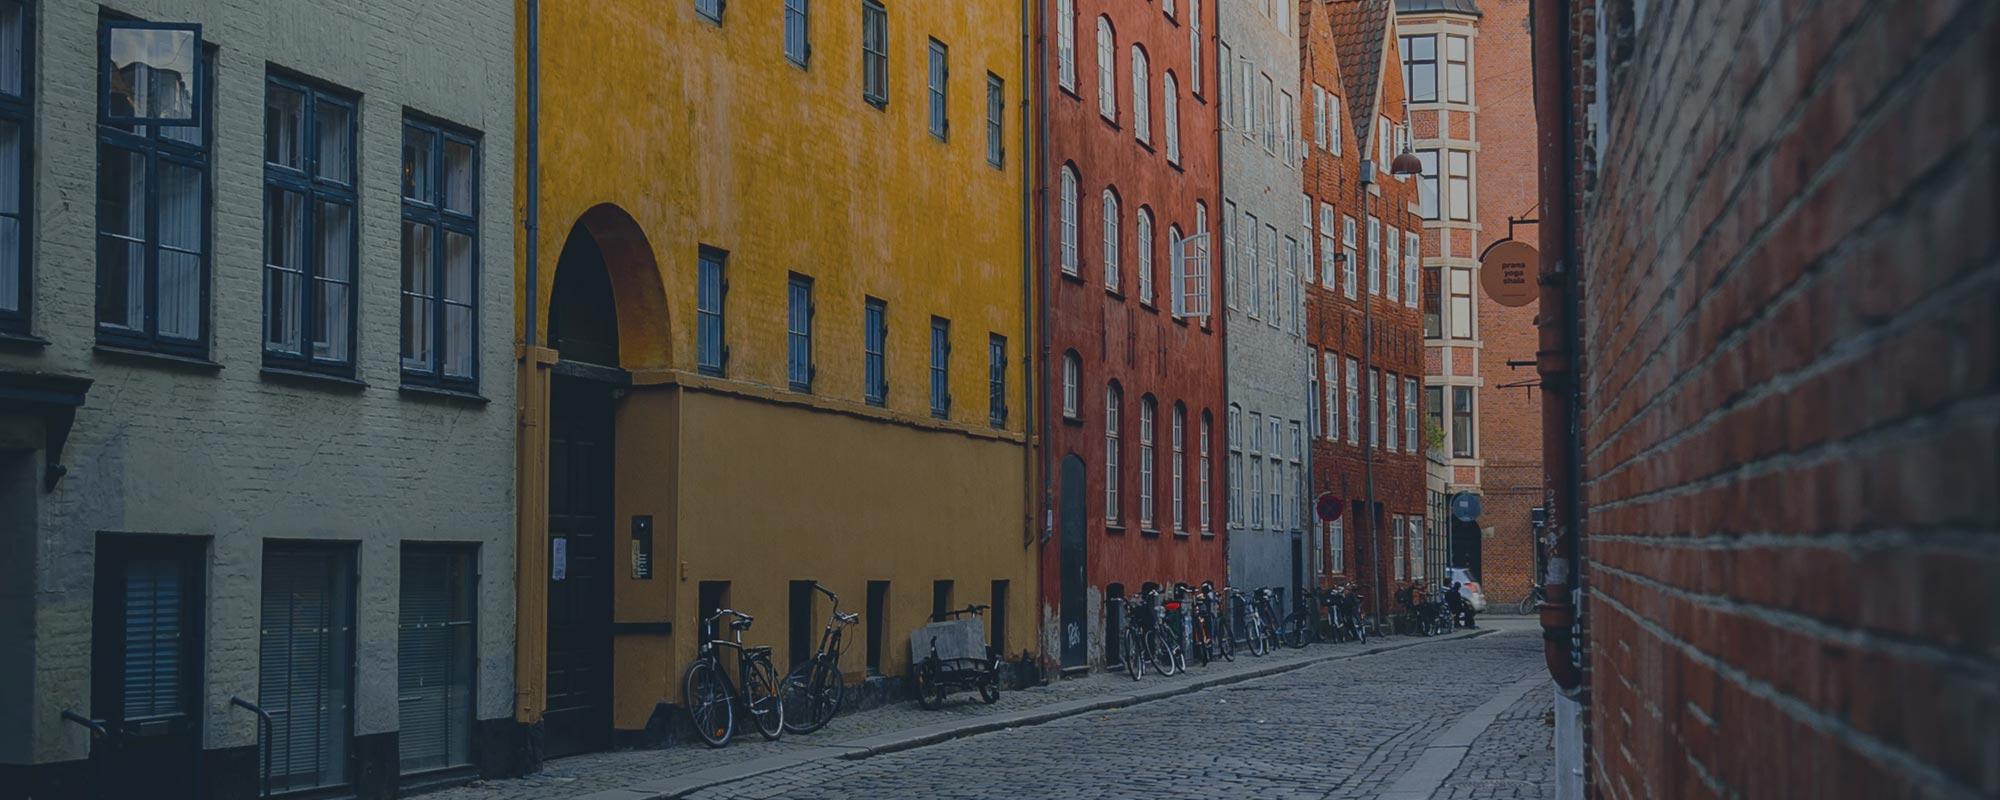 Indre København